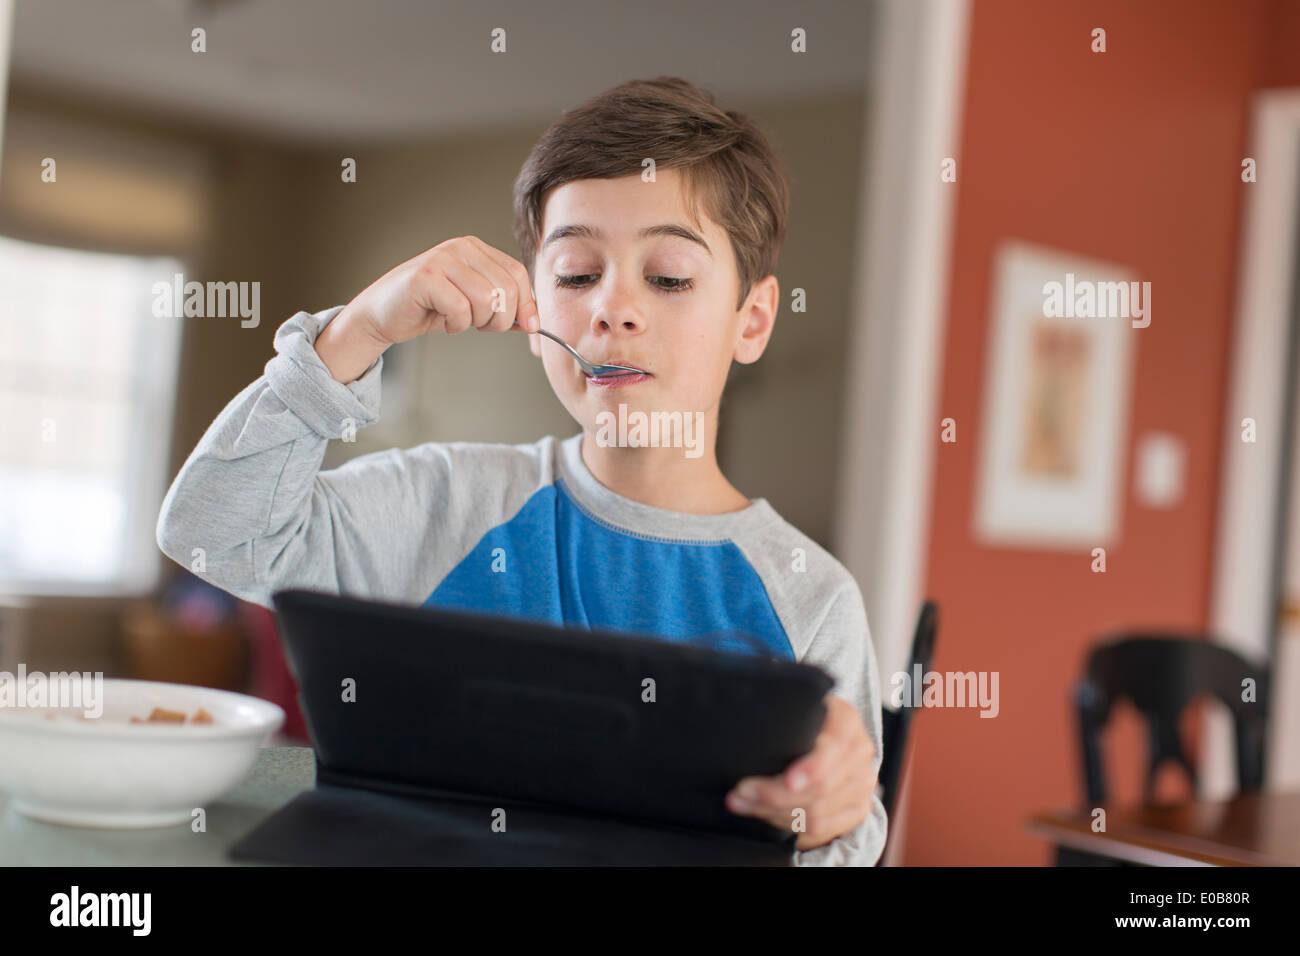 Ragazzo che guarda a tavoletta digitale mentre si mangia la colazione Immagini Stock